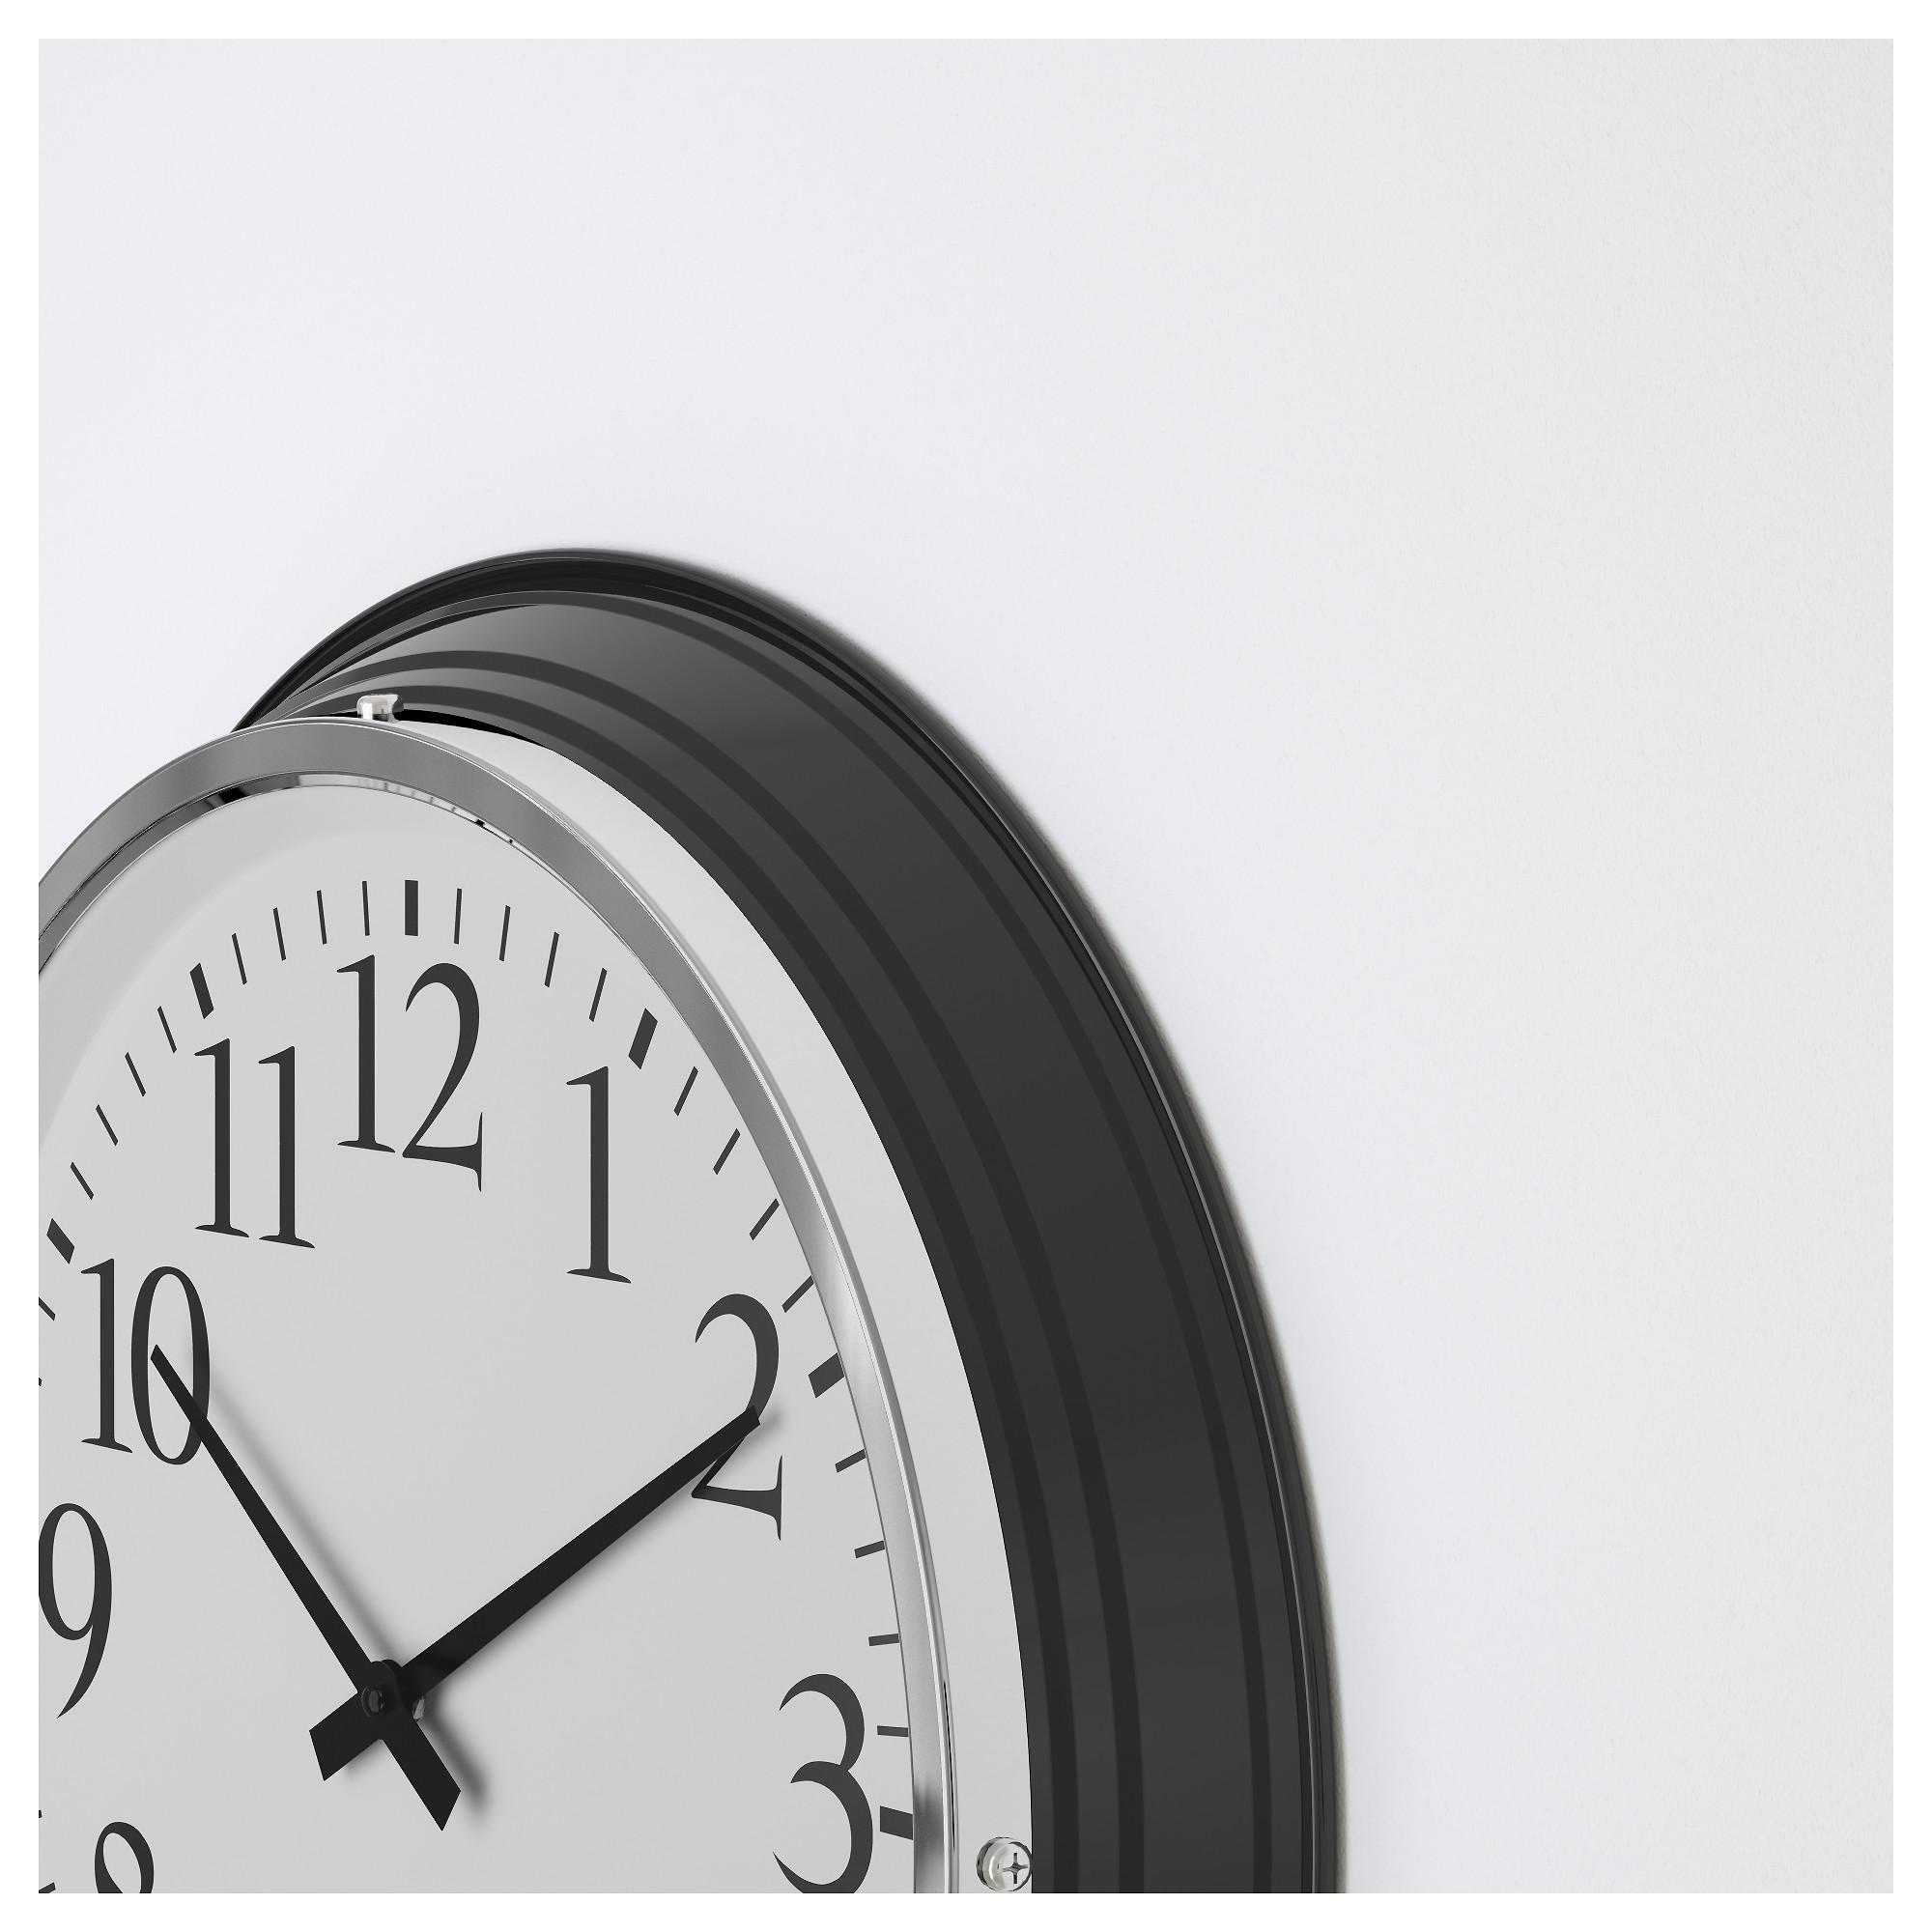 BRAVUR Wall clock Black | Wall clocks, Clocks and Walls